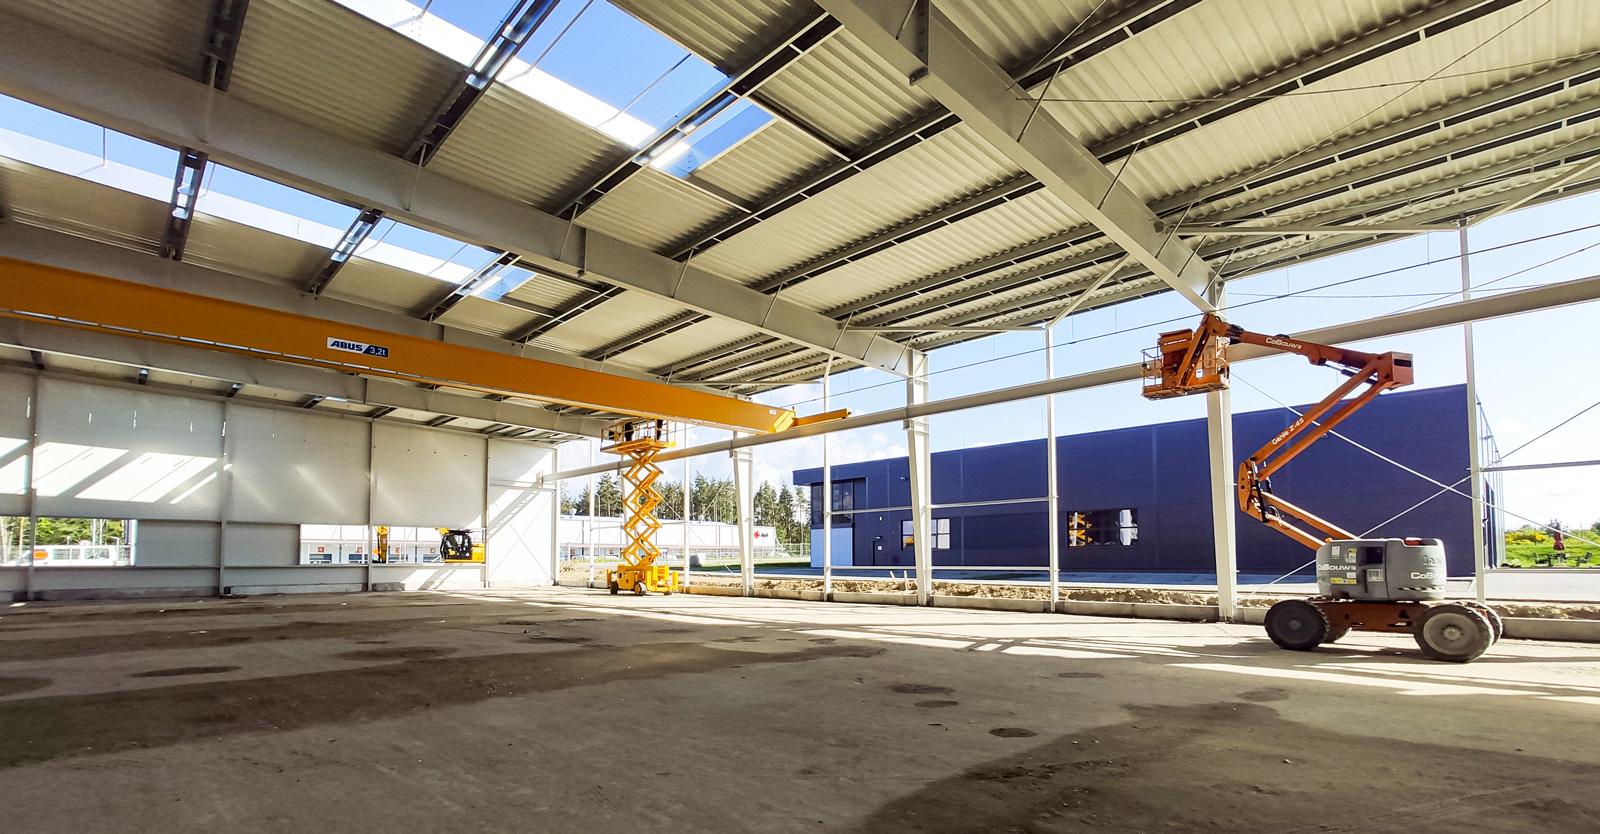 montaż drugorzędnej konstrukcji hali - budowa obiektu przemysłowego, dla firmy Viscon, o powierzchni 3.500 m2, w Płaszewku, woj. pomorskie